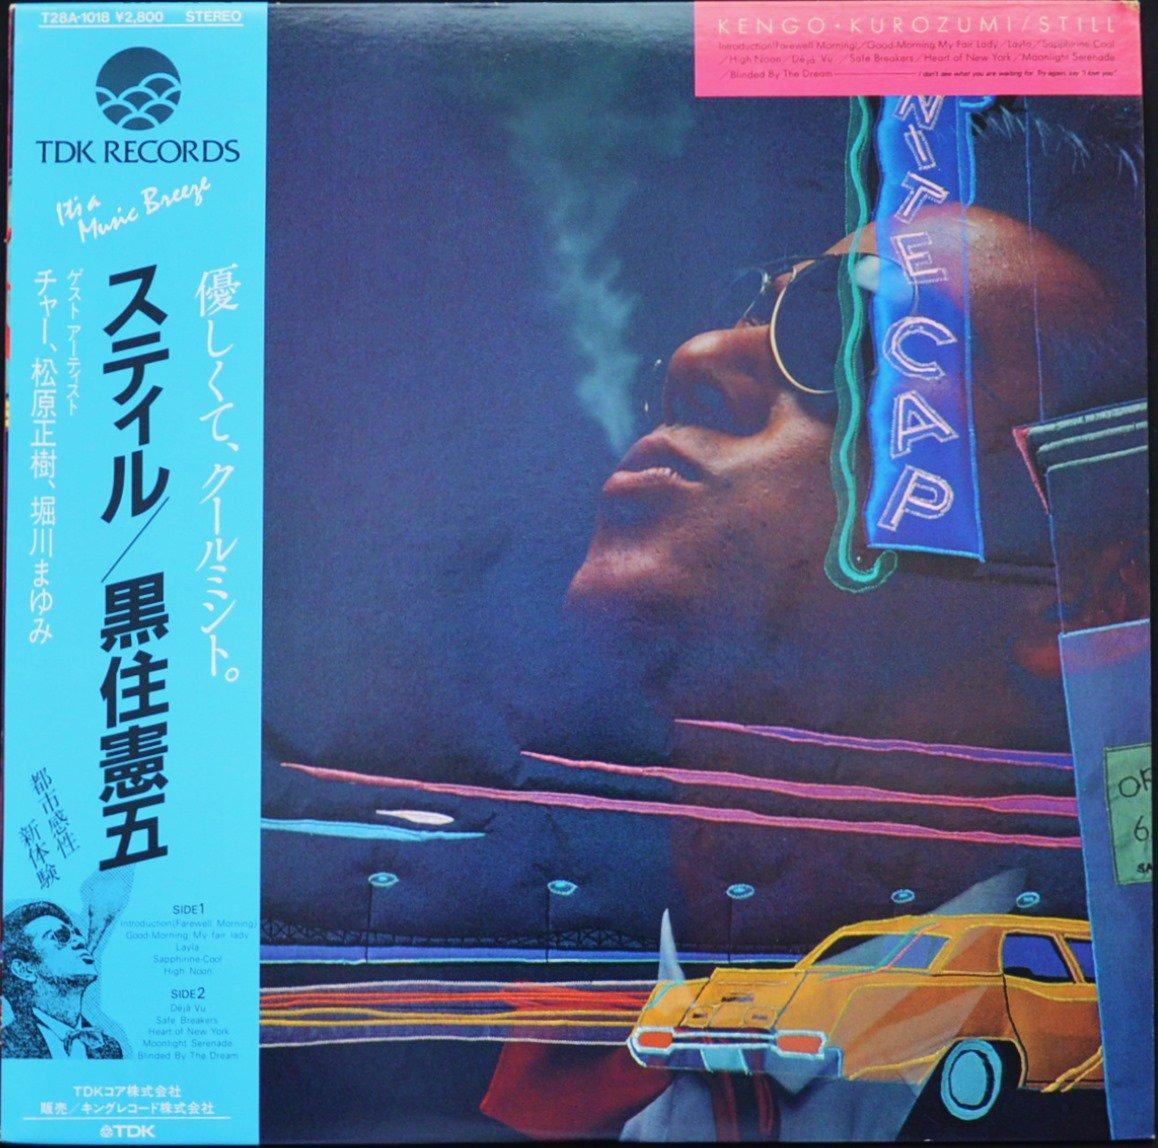 黒住憲五 KENGO KUROZUMI / スティル STILL (LP)